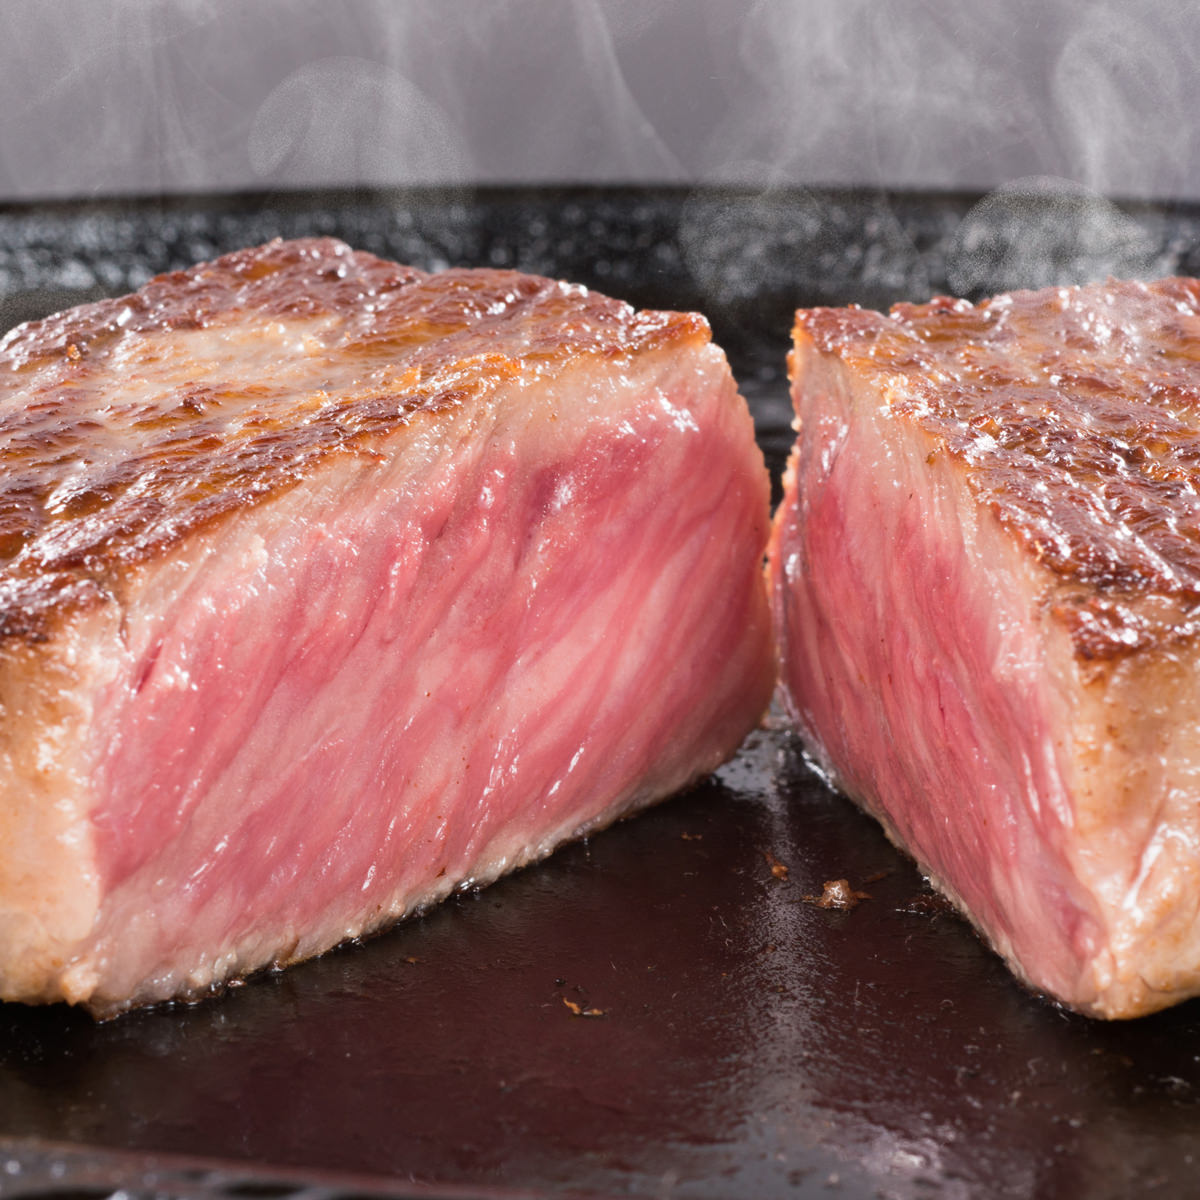 松阪まるよし 松阪牛ロース芯だけステーキ サーロイン〔150g×2枚、牛脂、ステーキ用調味料20g〕三重県